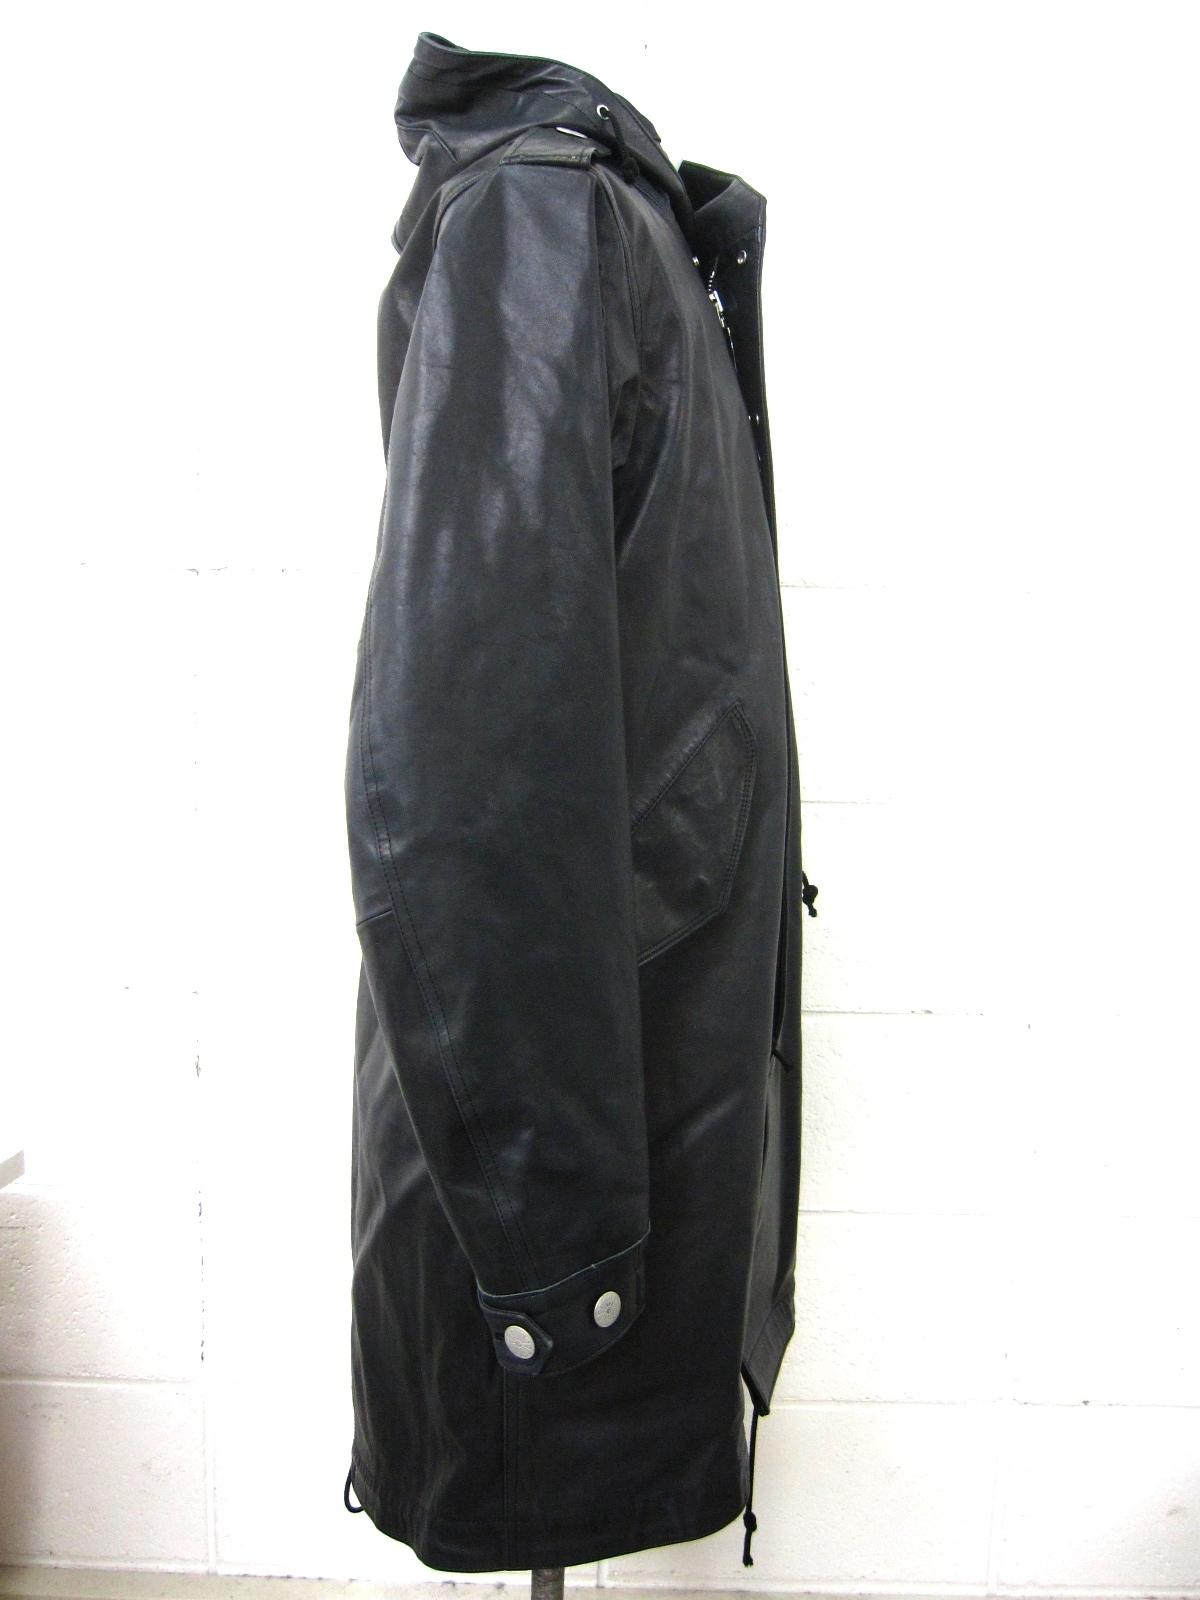 SOMET(ソメ)のコート